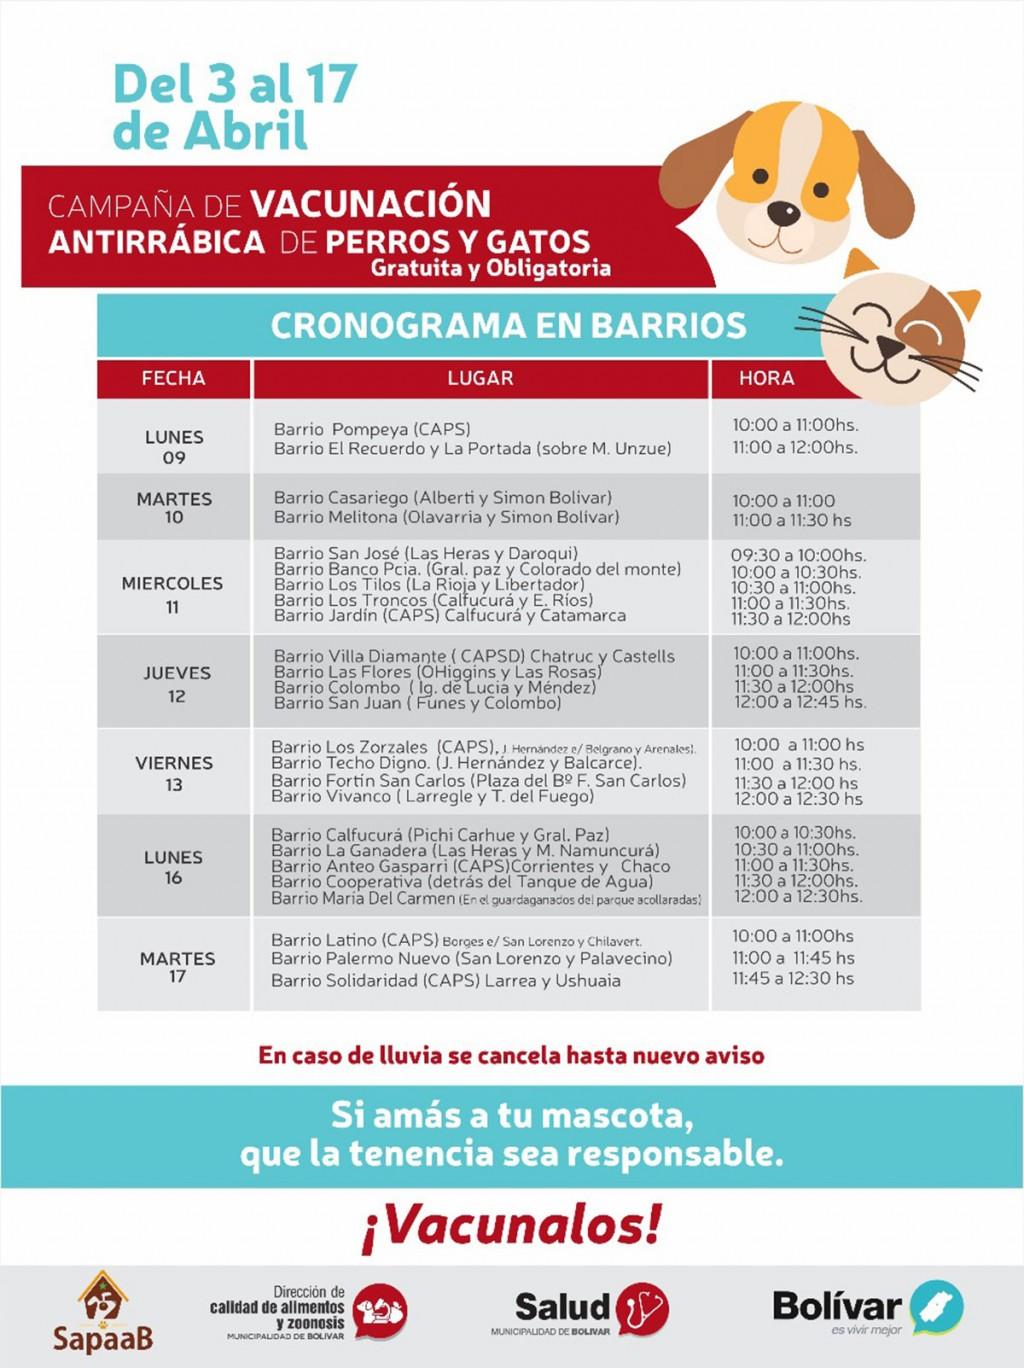 Cronograma de vacunación antirrábica en barrios